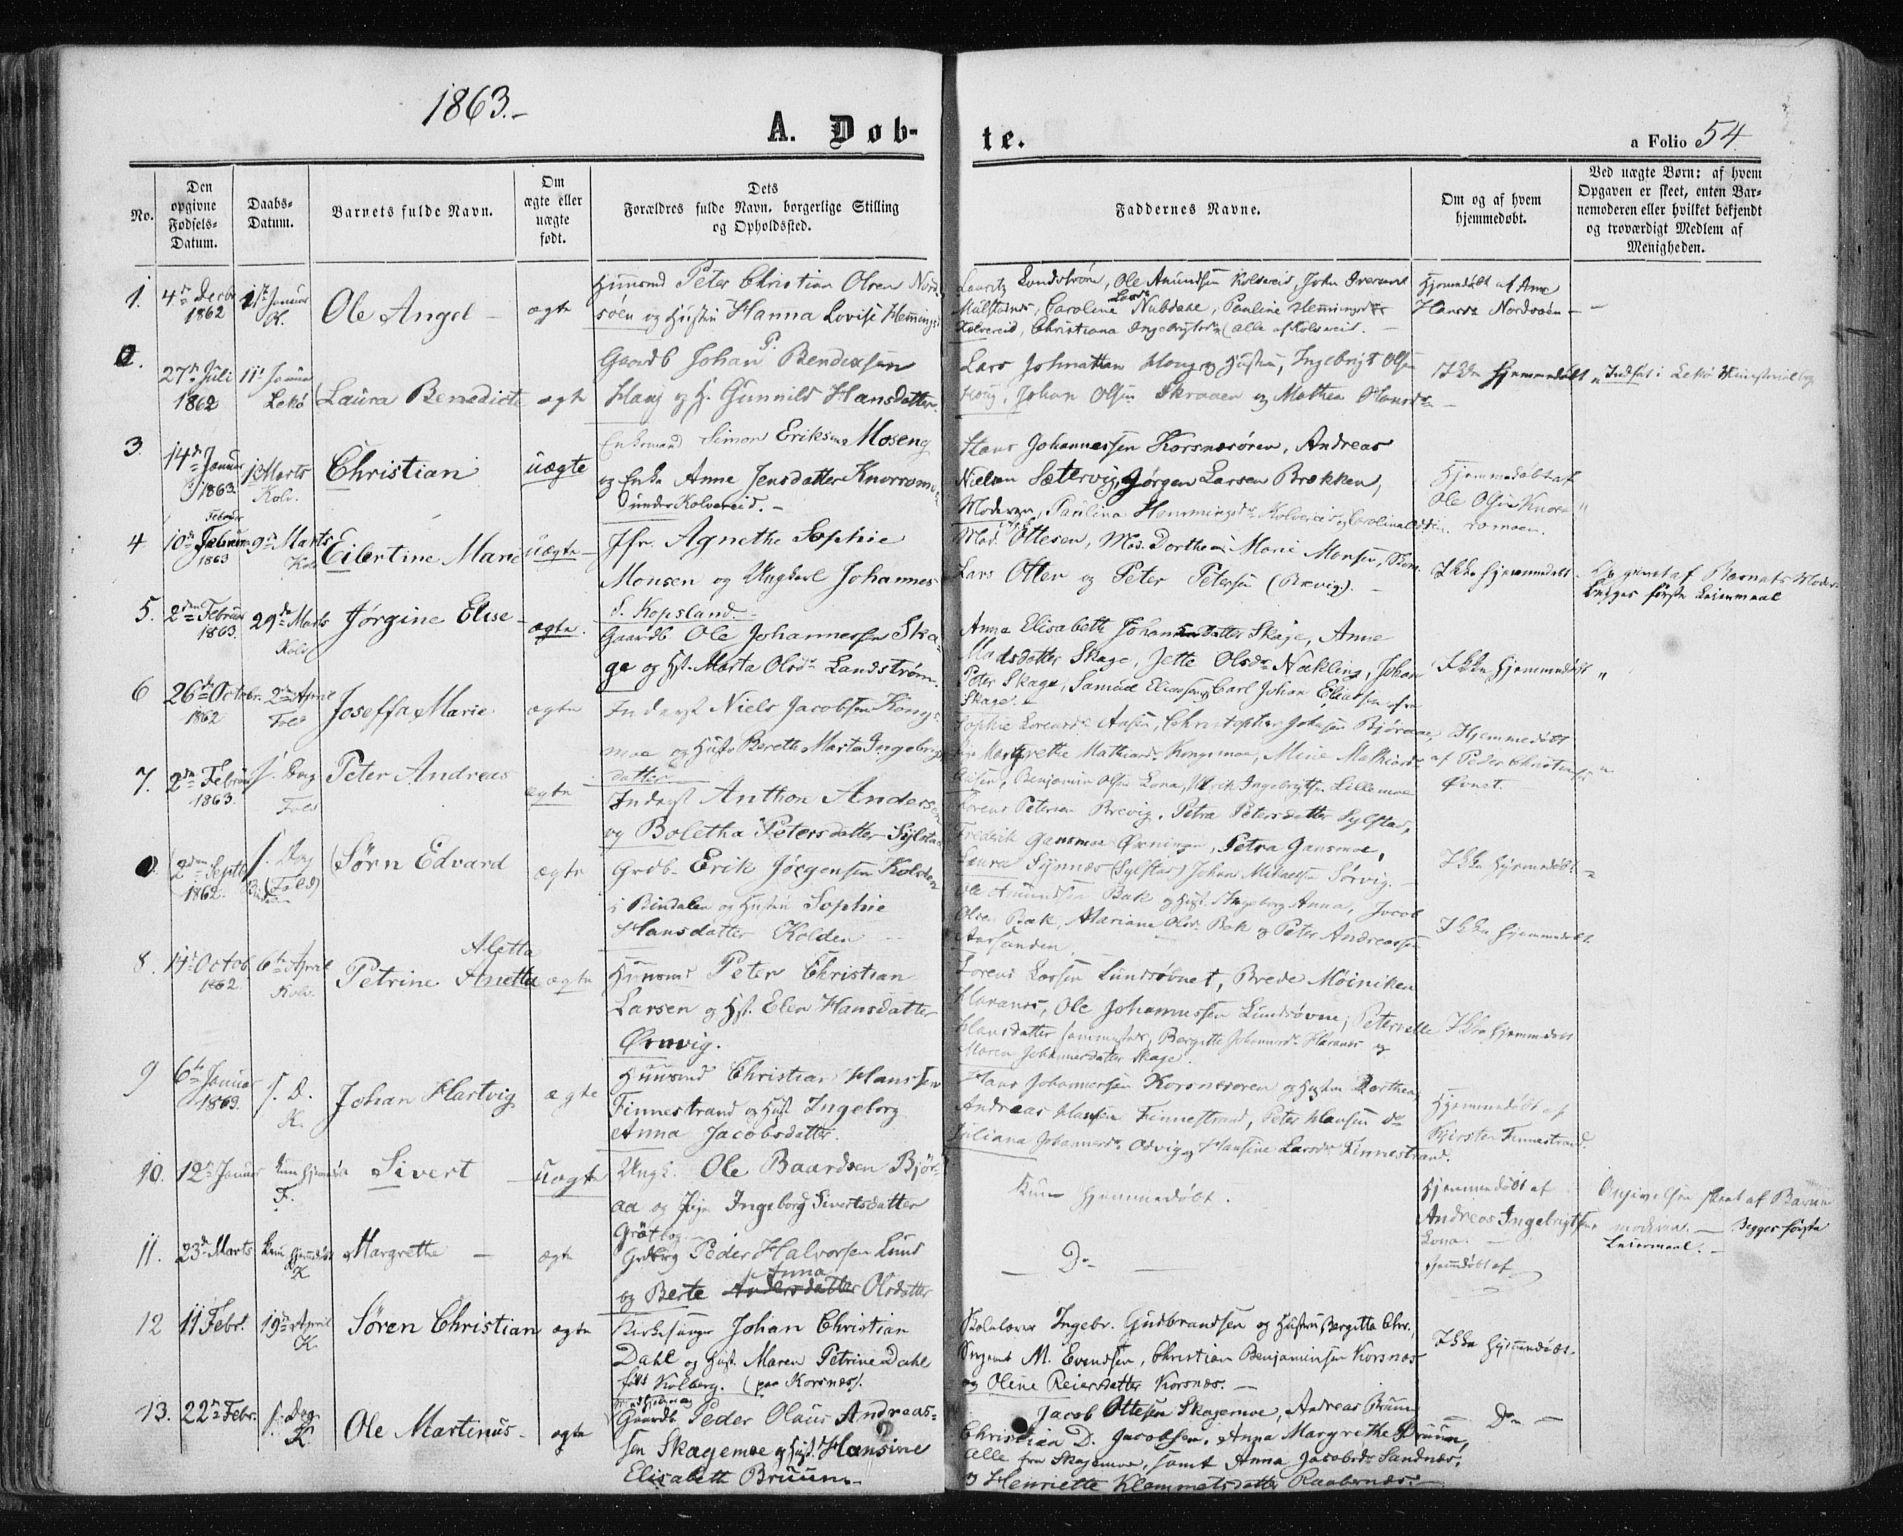 SAT, Ministerialprotokoller, klokkerbøker og fødselsregistre - Nord-Trøndelag, 780/L0641: Ministerialbok nr. 780A06, 1857-1874, s. 54